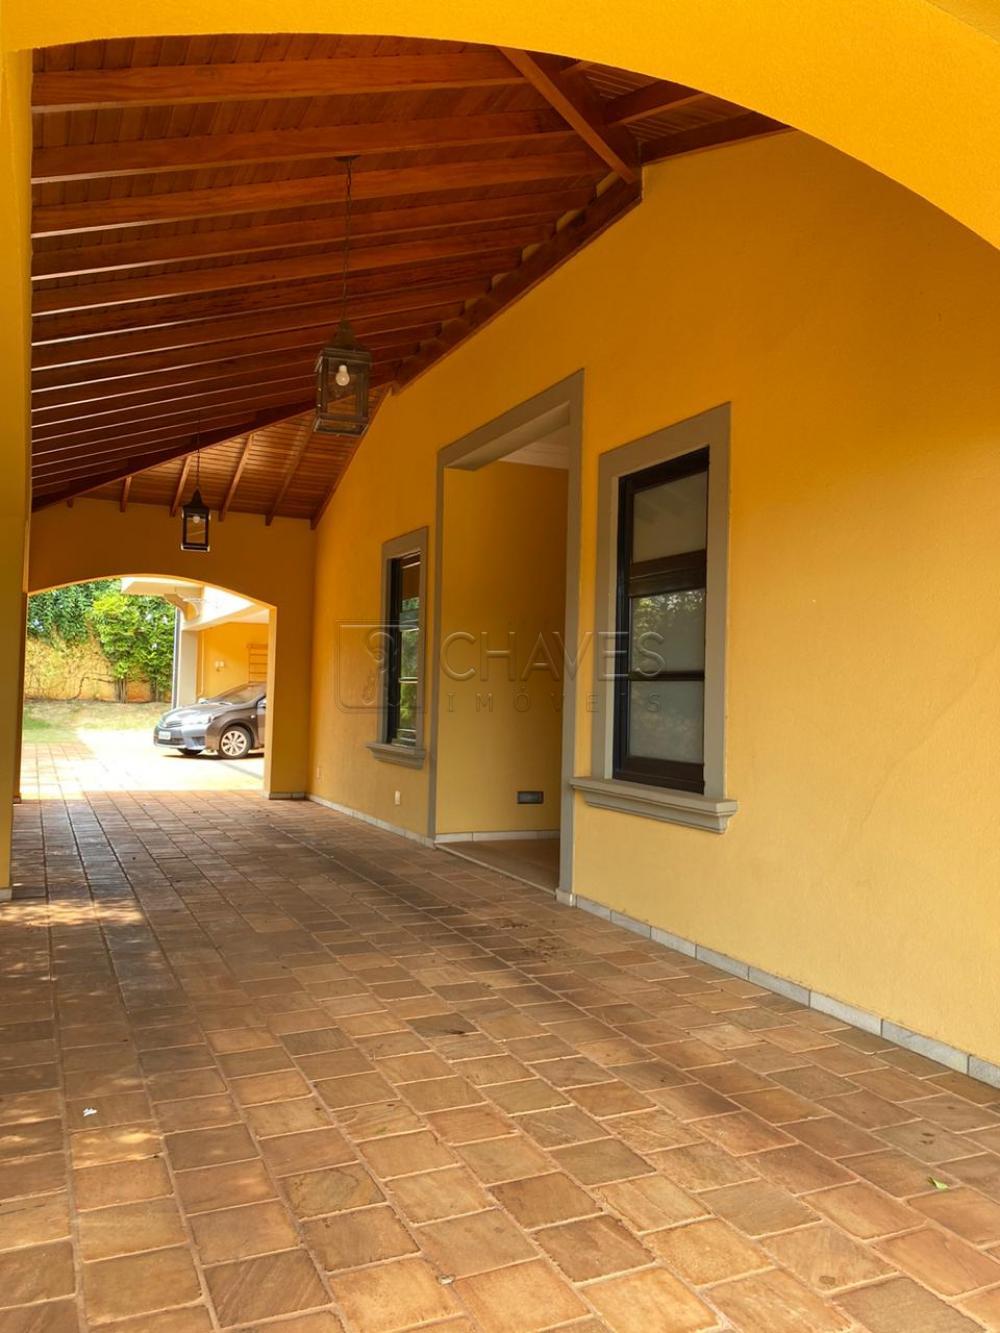 Comprar Casa / Condomínio em Ribeirão Preto apenas R$ 4.900.000,00 - Foto 4